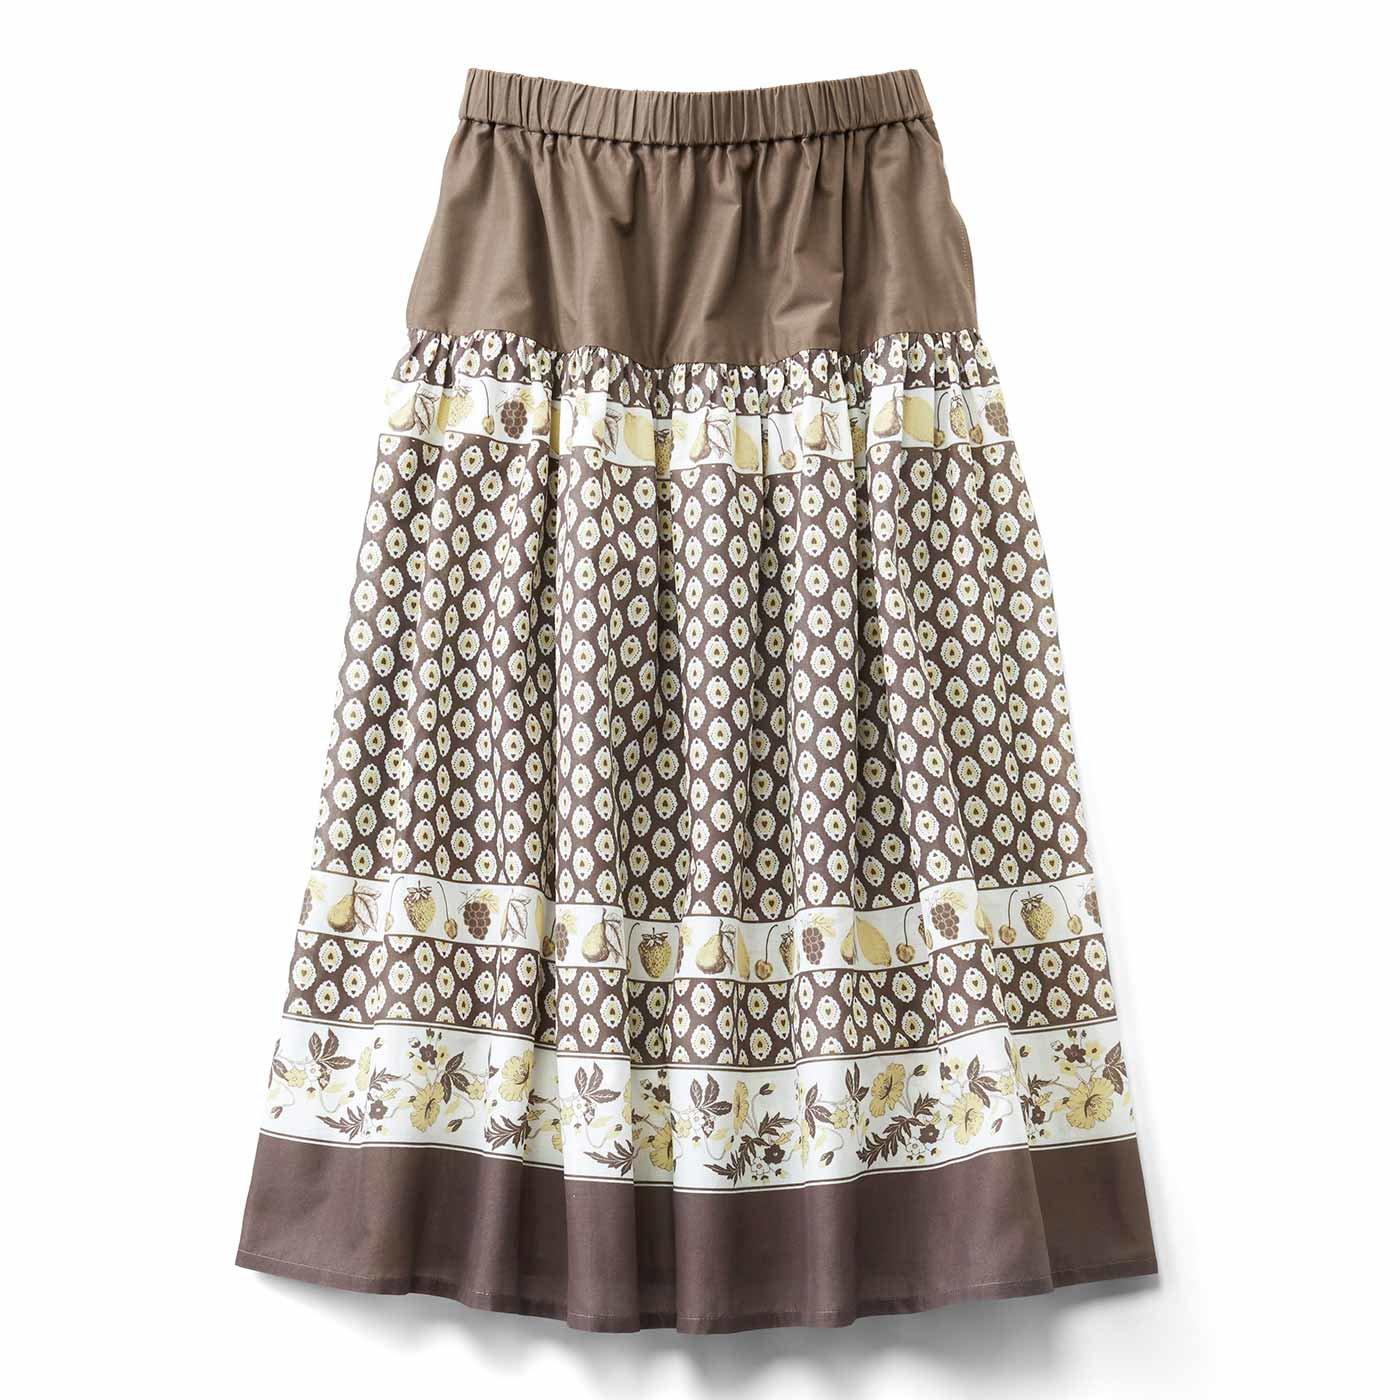 レトロかわいい フルーツ柄のパネルプリントスカート〈ココア〉